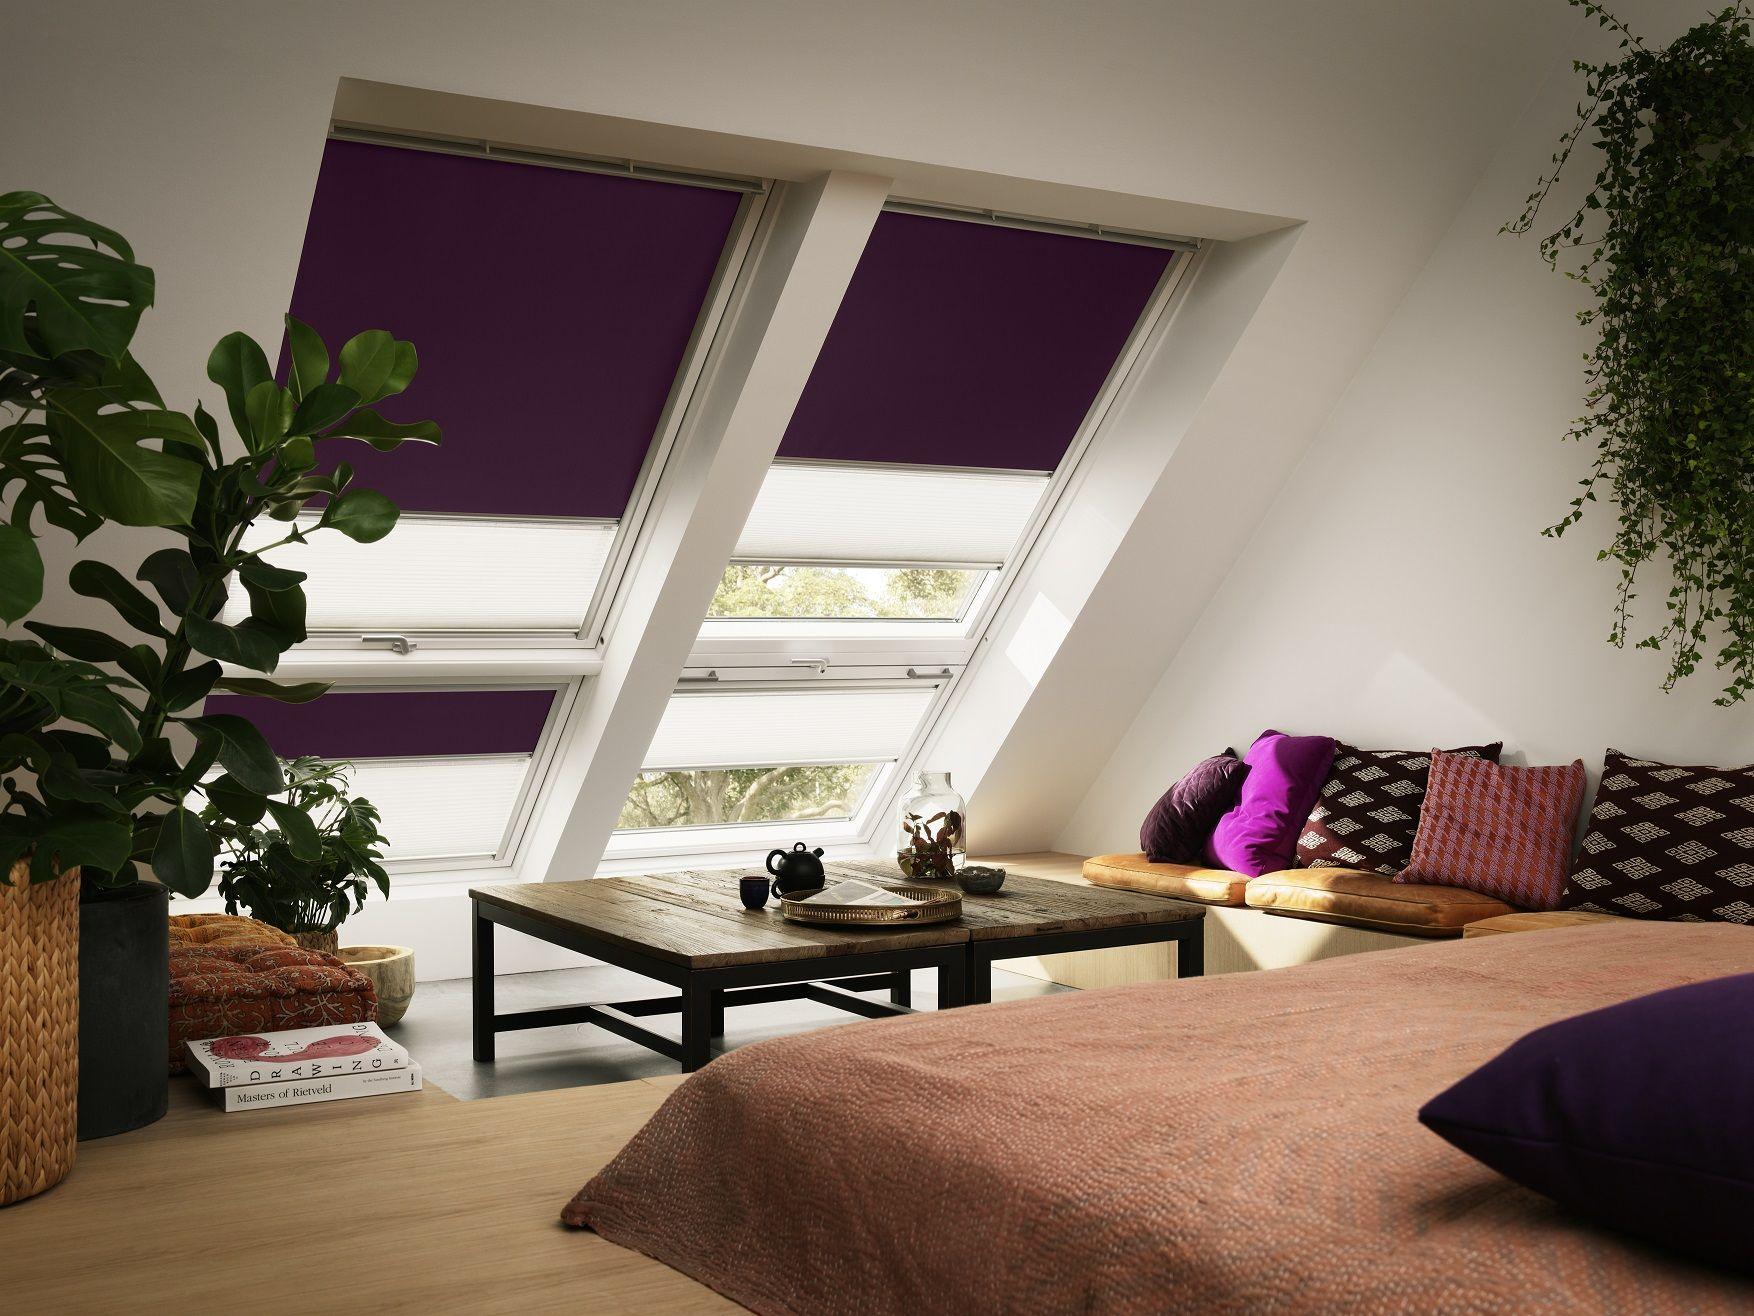 home office mit dachfenster ideen bilder, velux #sonnenschutz pinned by www.wagner-fenster.at, Design ideen